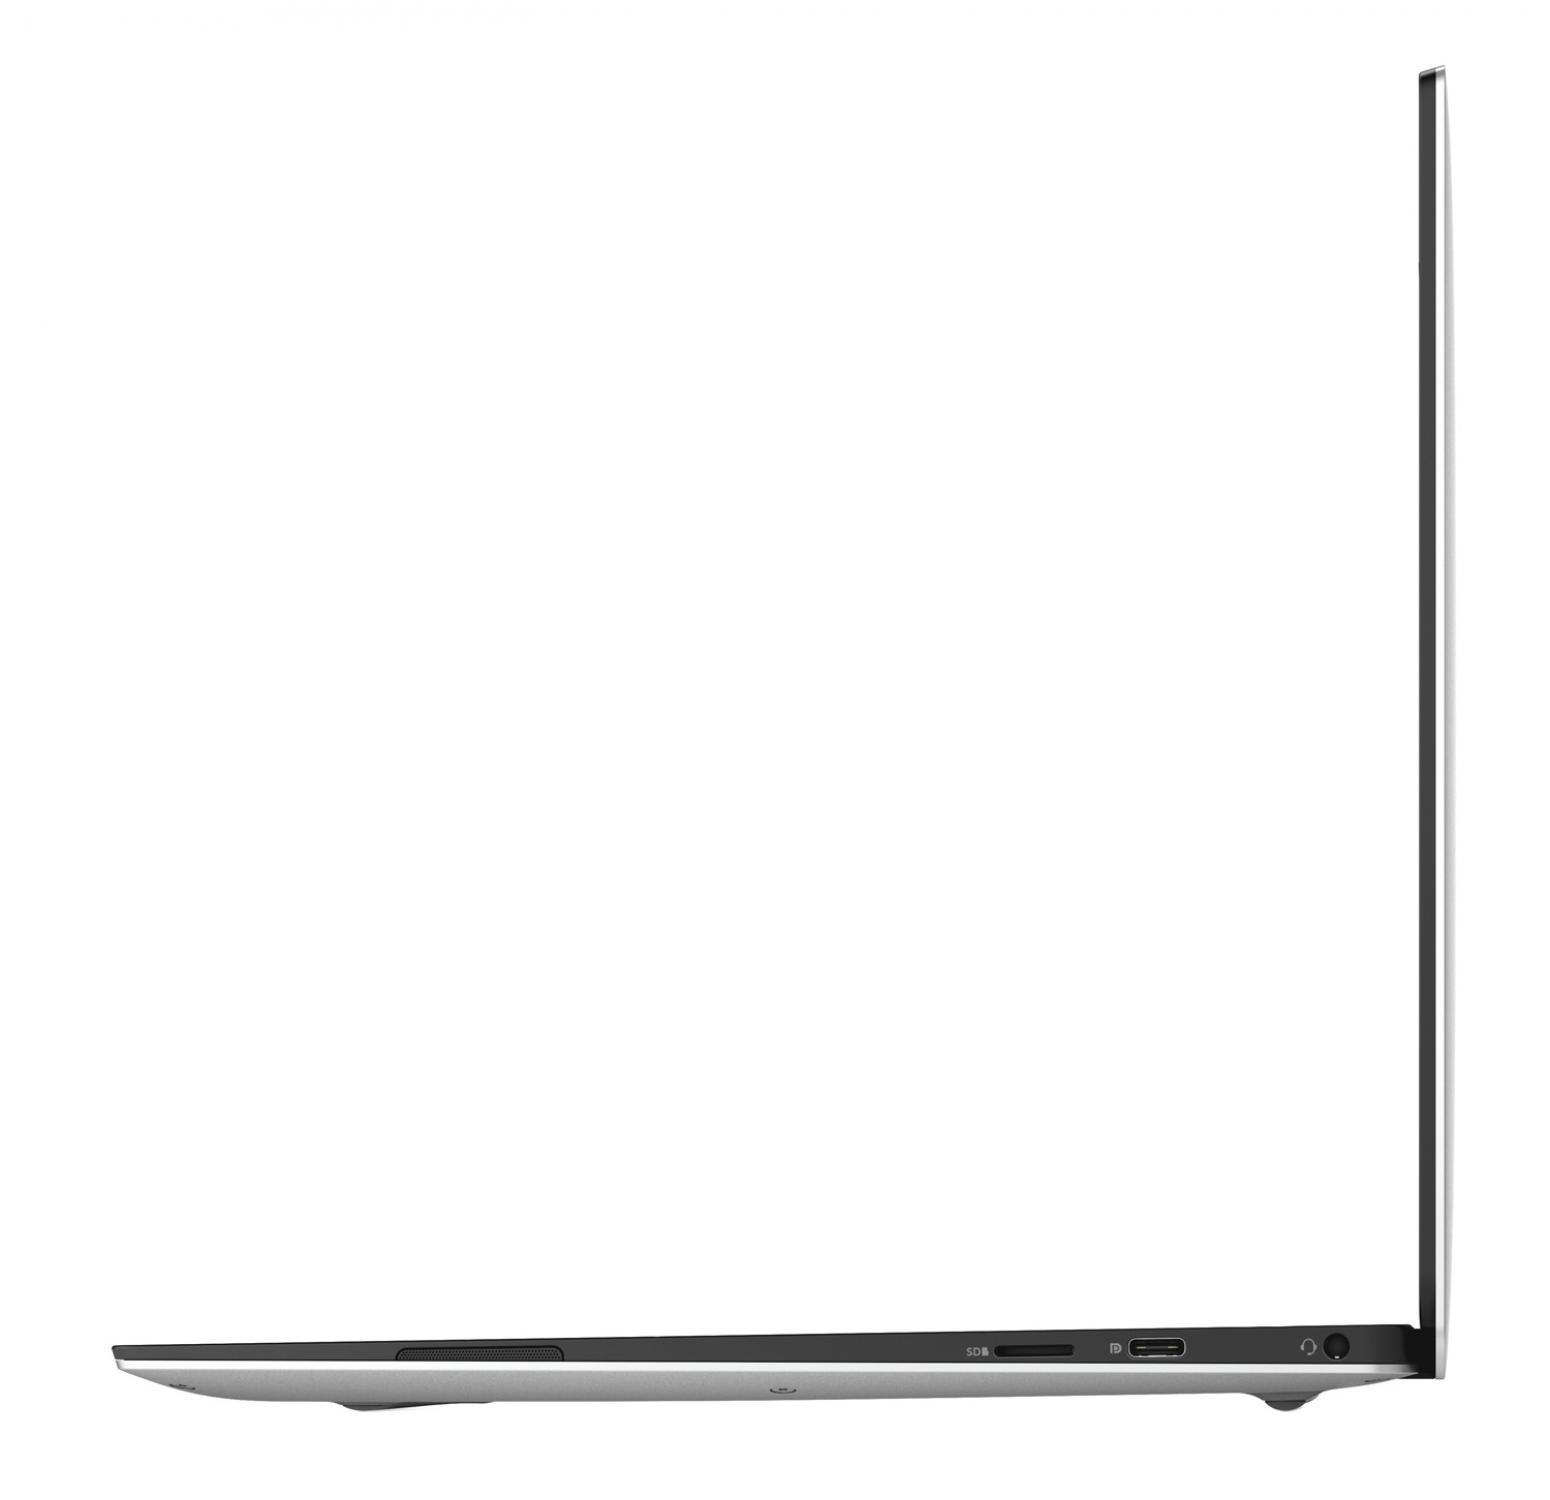 Ordinateur portable Dell XPS 13 7390 Argent - Core i7, 16 Go, 512 Go - photo 5